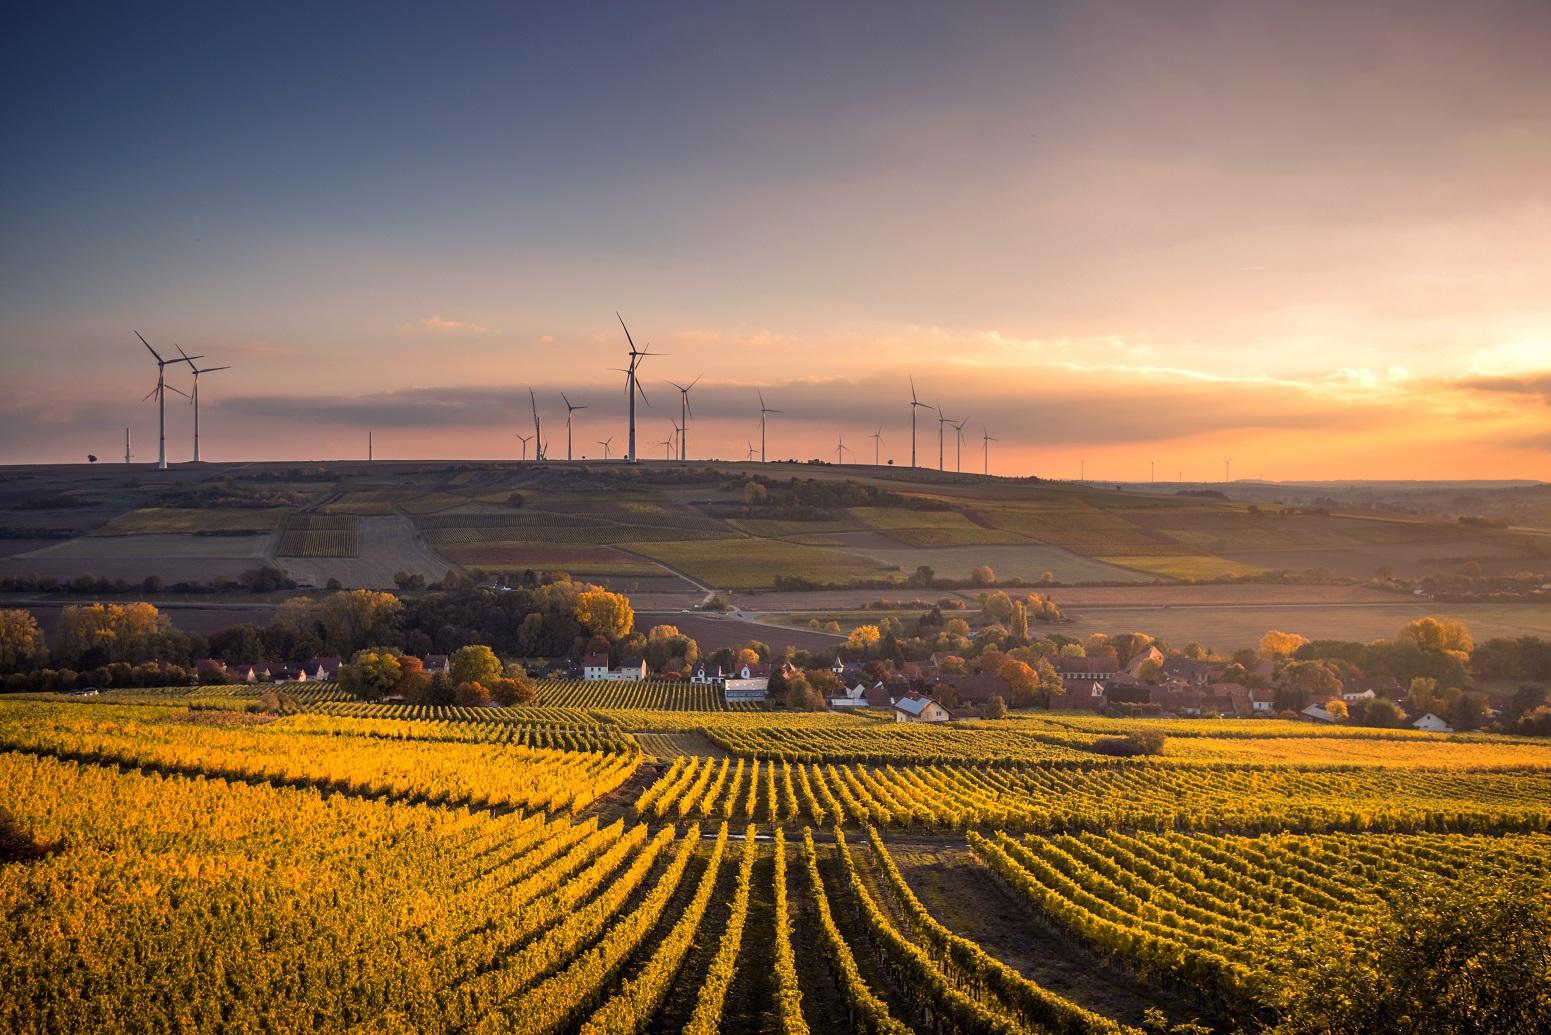 Strom sparen mit Erneubarer Energie